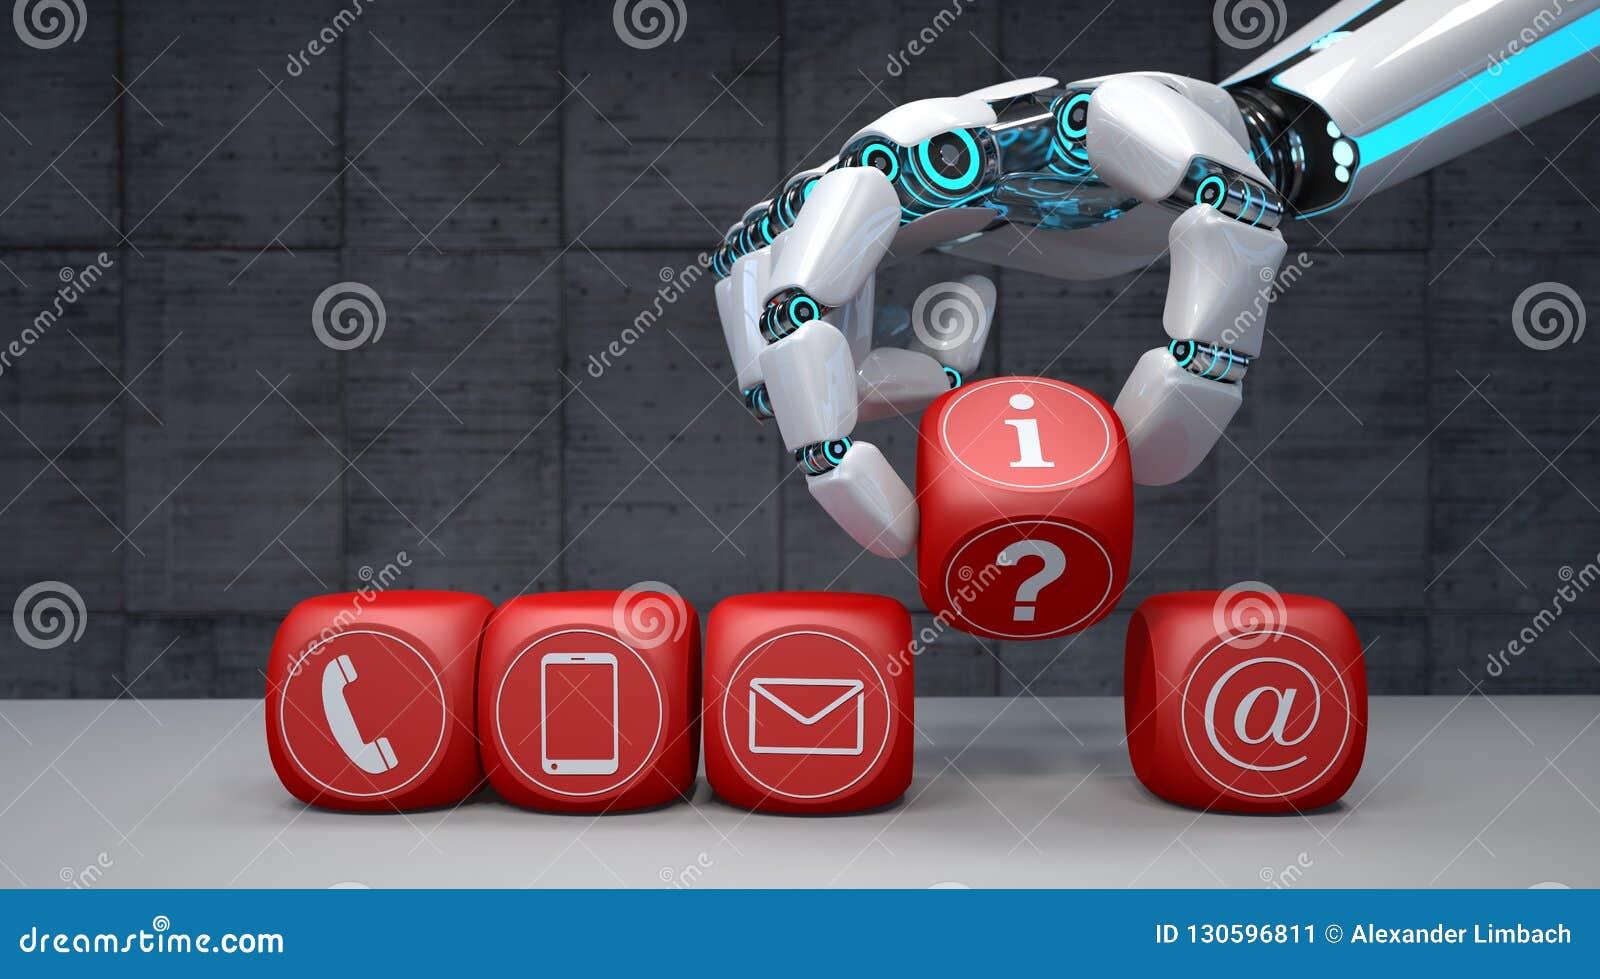 Кубы руки робота контактируют значки